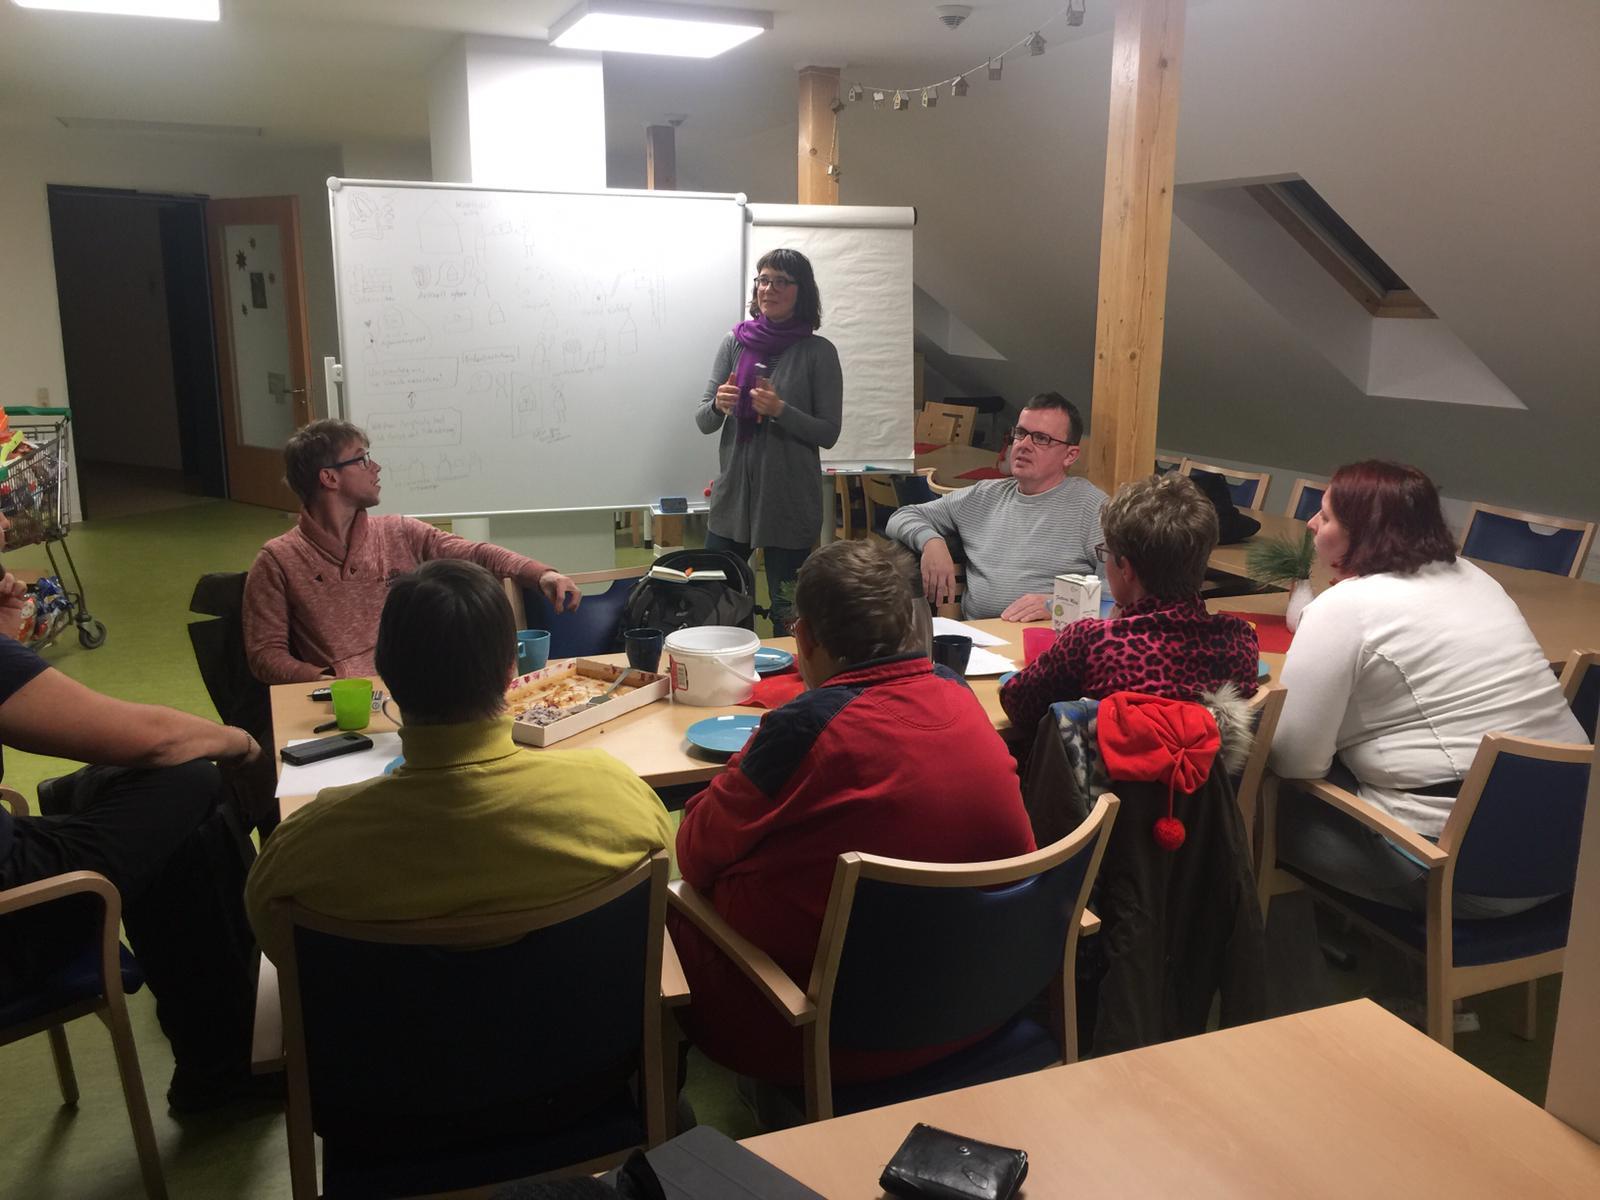 Seminarraum. Gruppe sitzt an länglichem Tisch. ich dahinter, neben mir eine Pinnwand. Ich rede gerade vor der Gruppe.